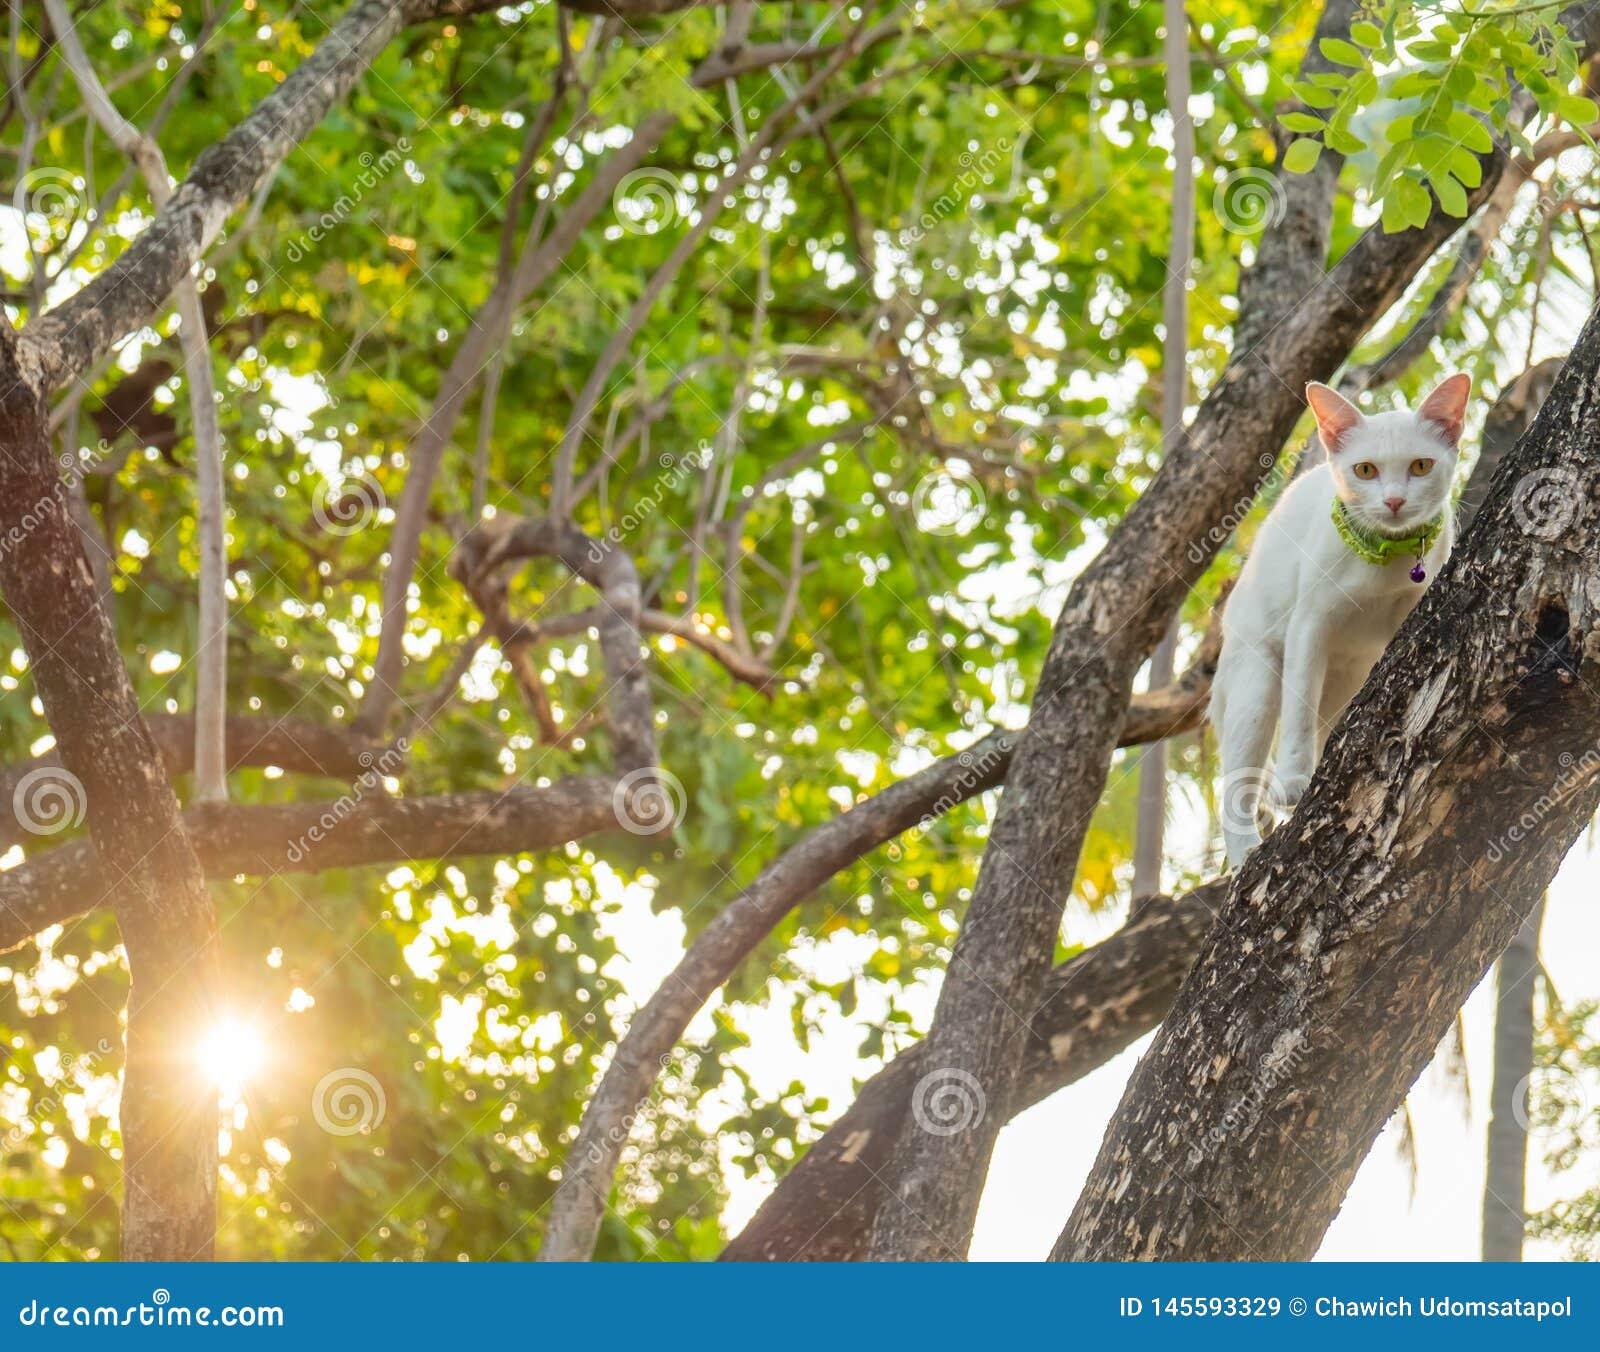 Sguardo fisso bianco impertinente del gatto direttamente in dubbio